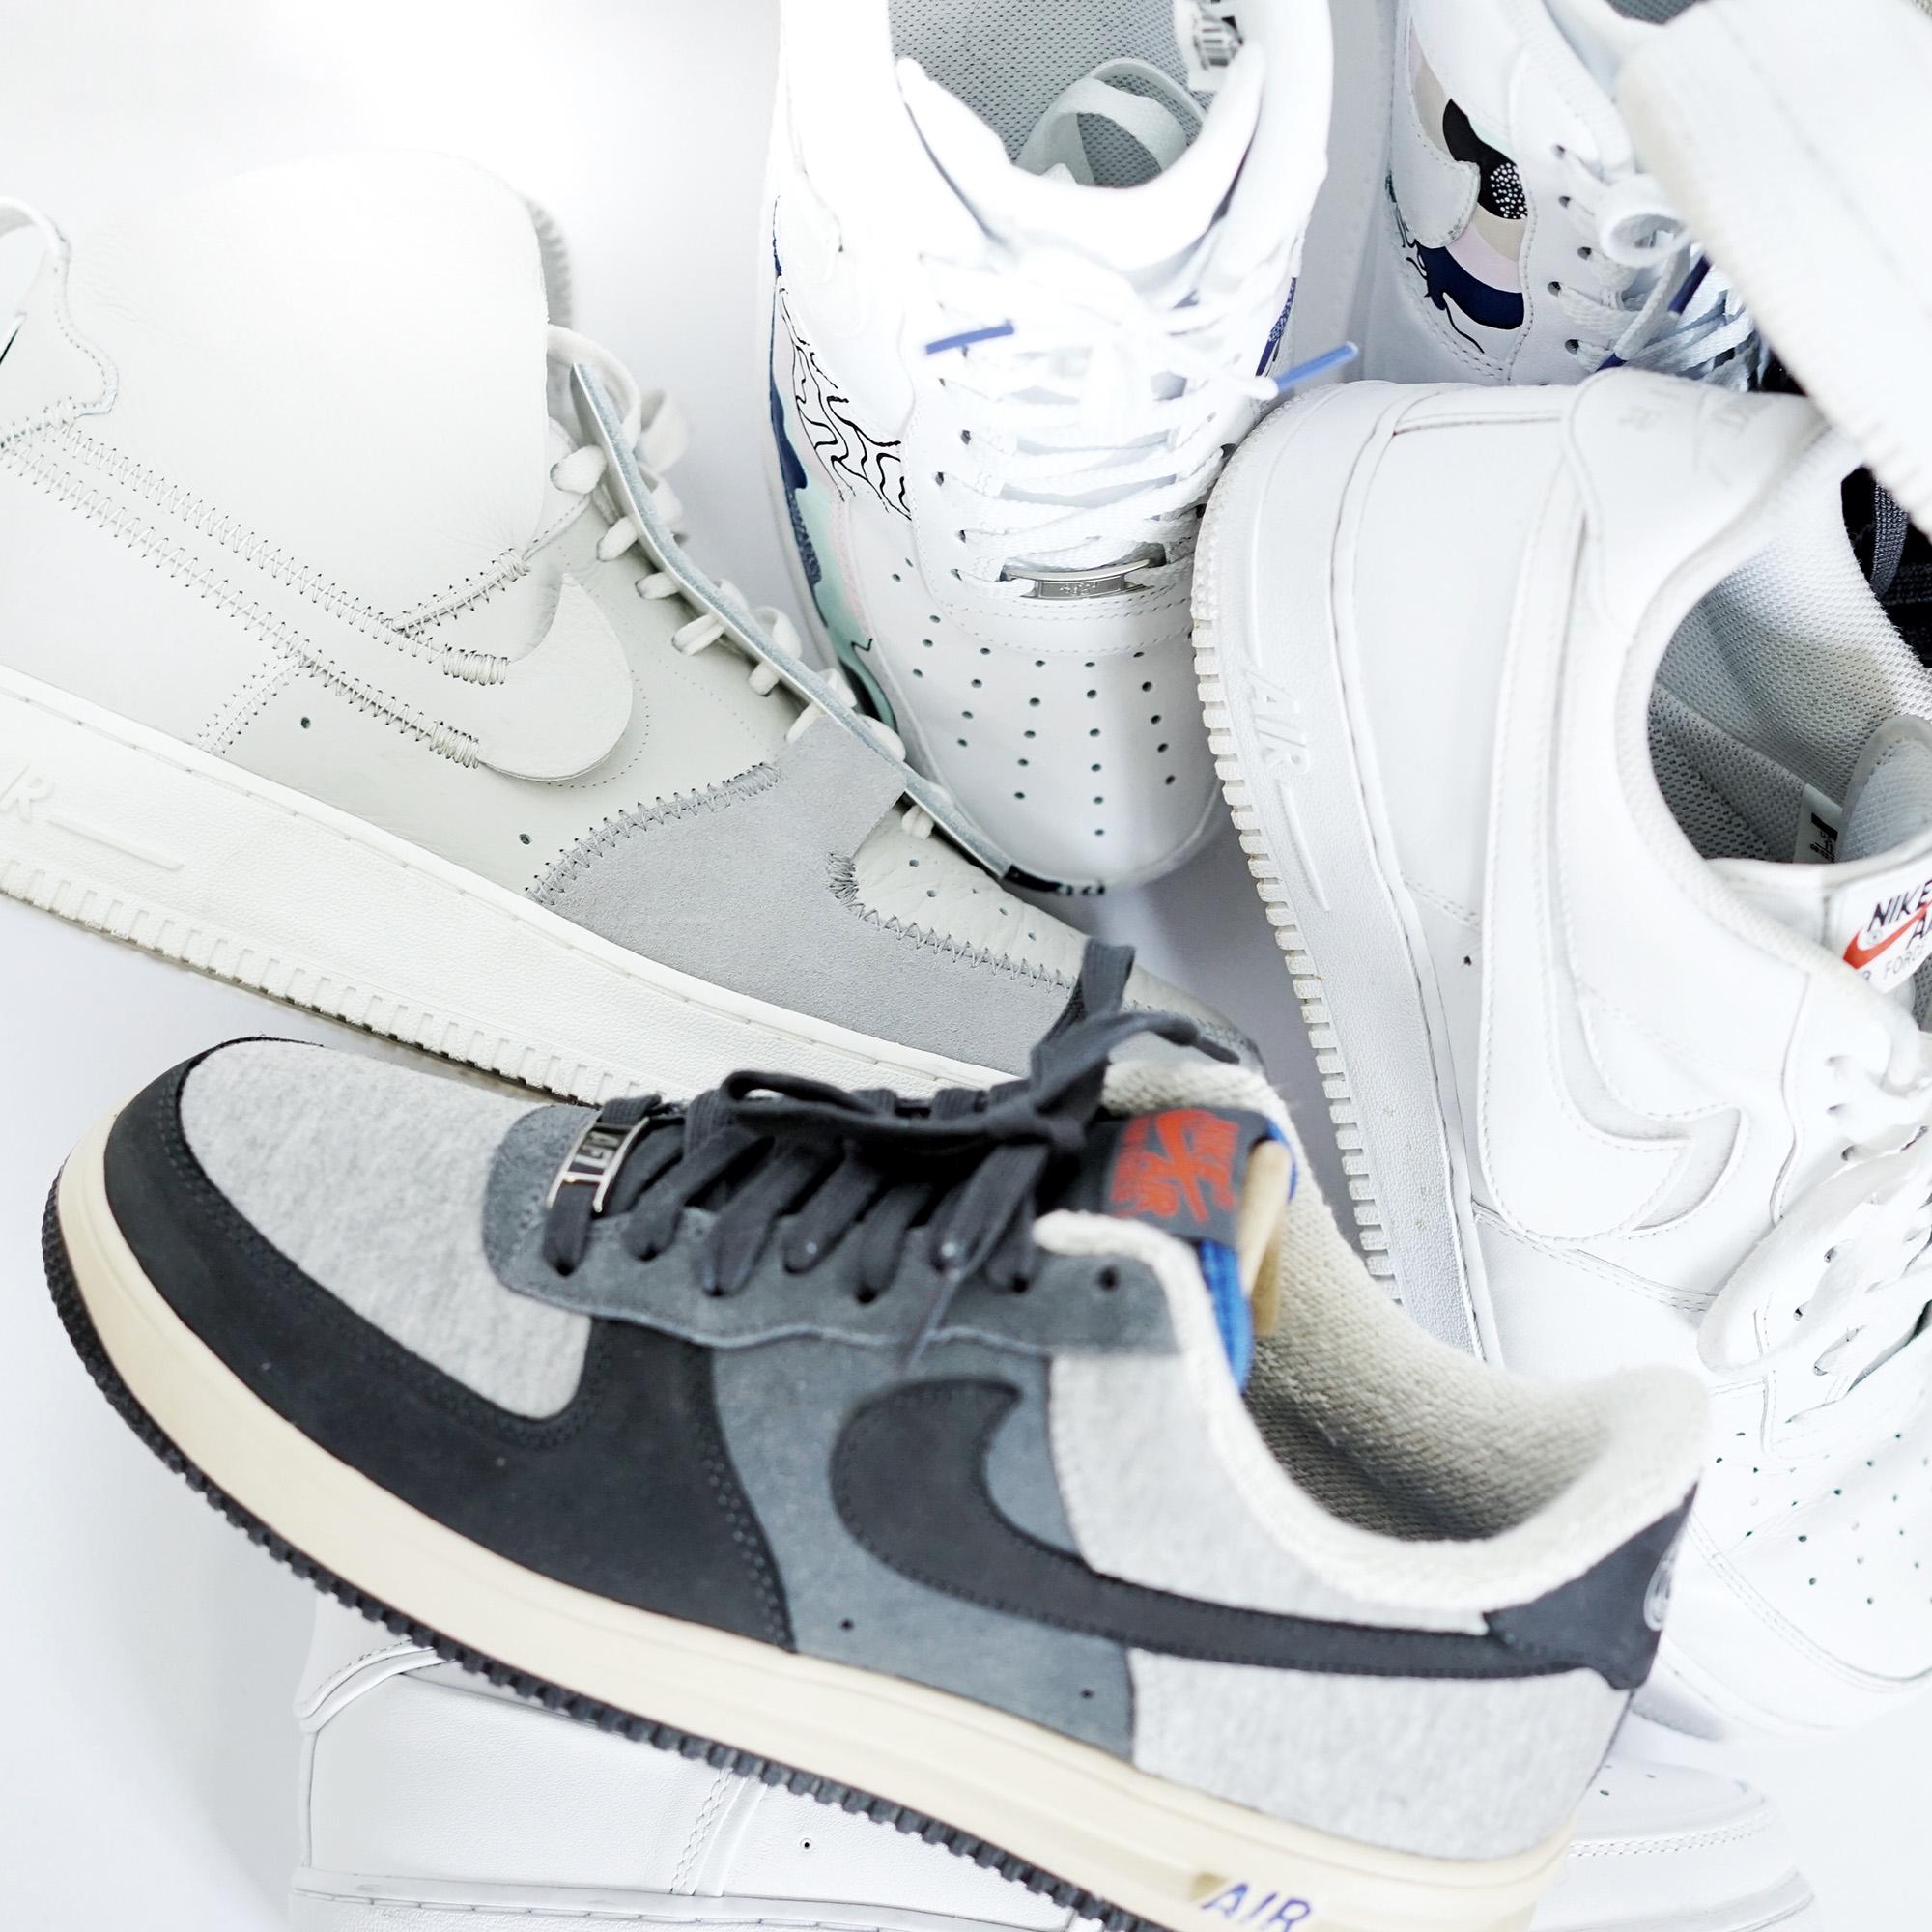 Nike ModèlesJo Beaux Force Top 10 Yana Air Les 1 Plus nO0PNwX8kZ